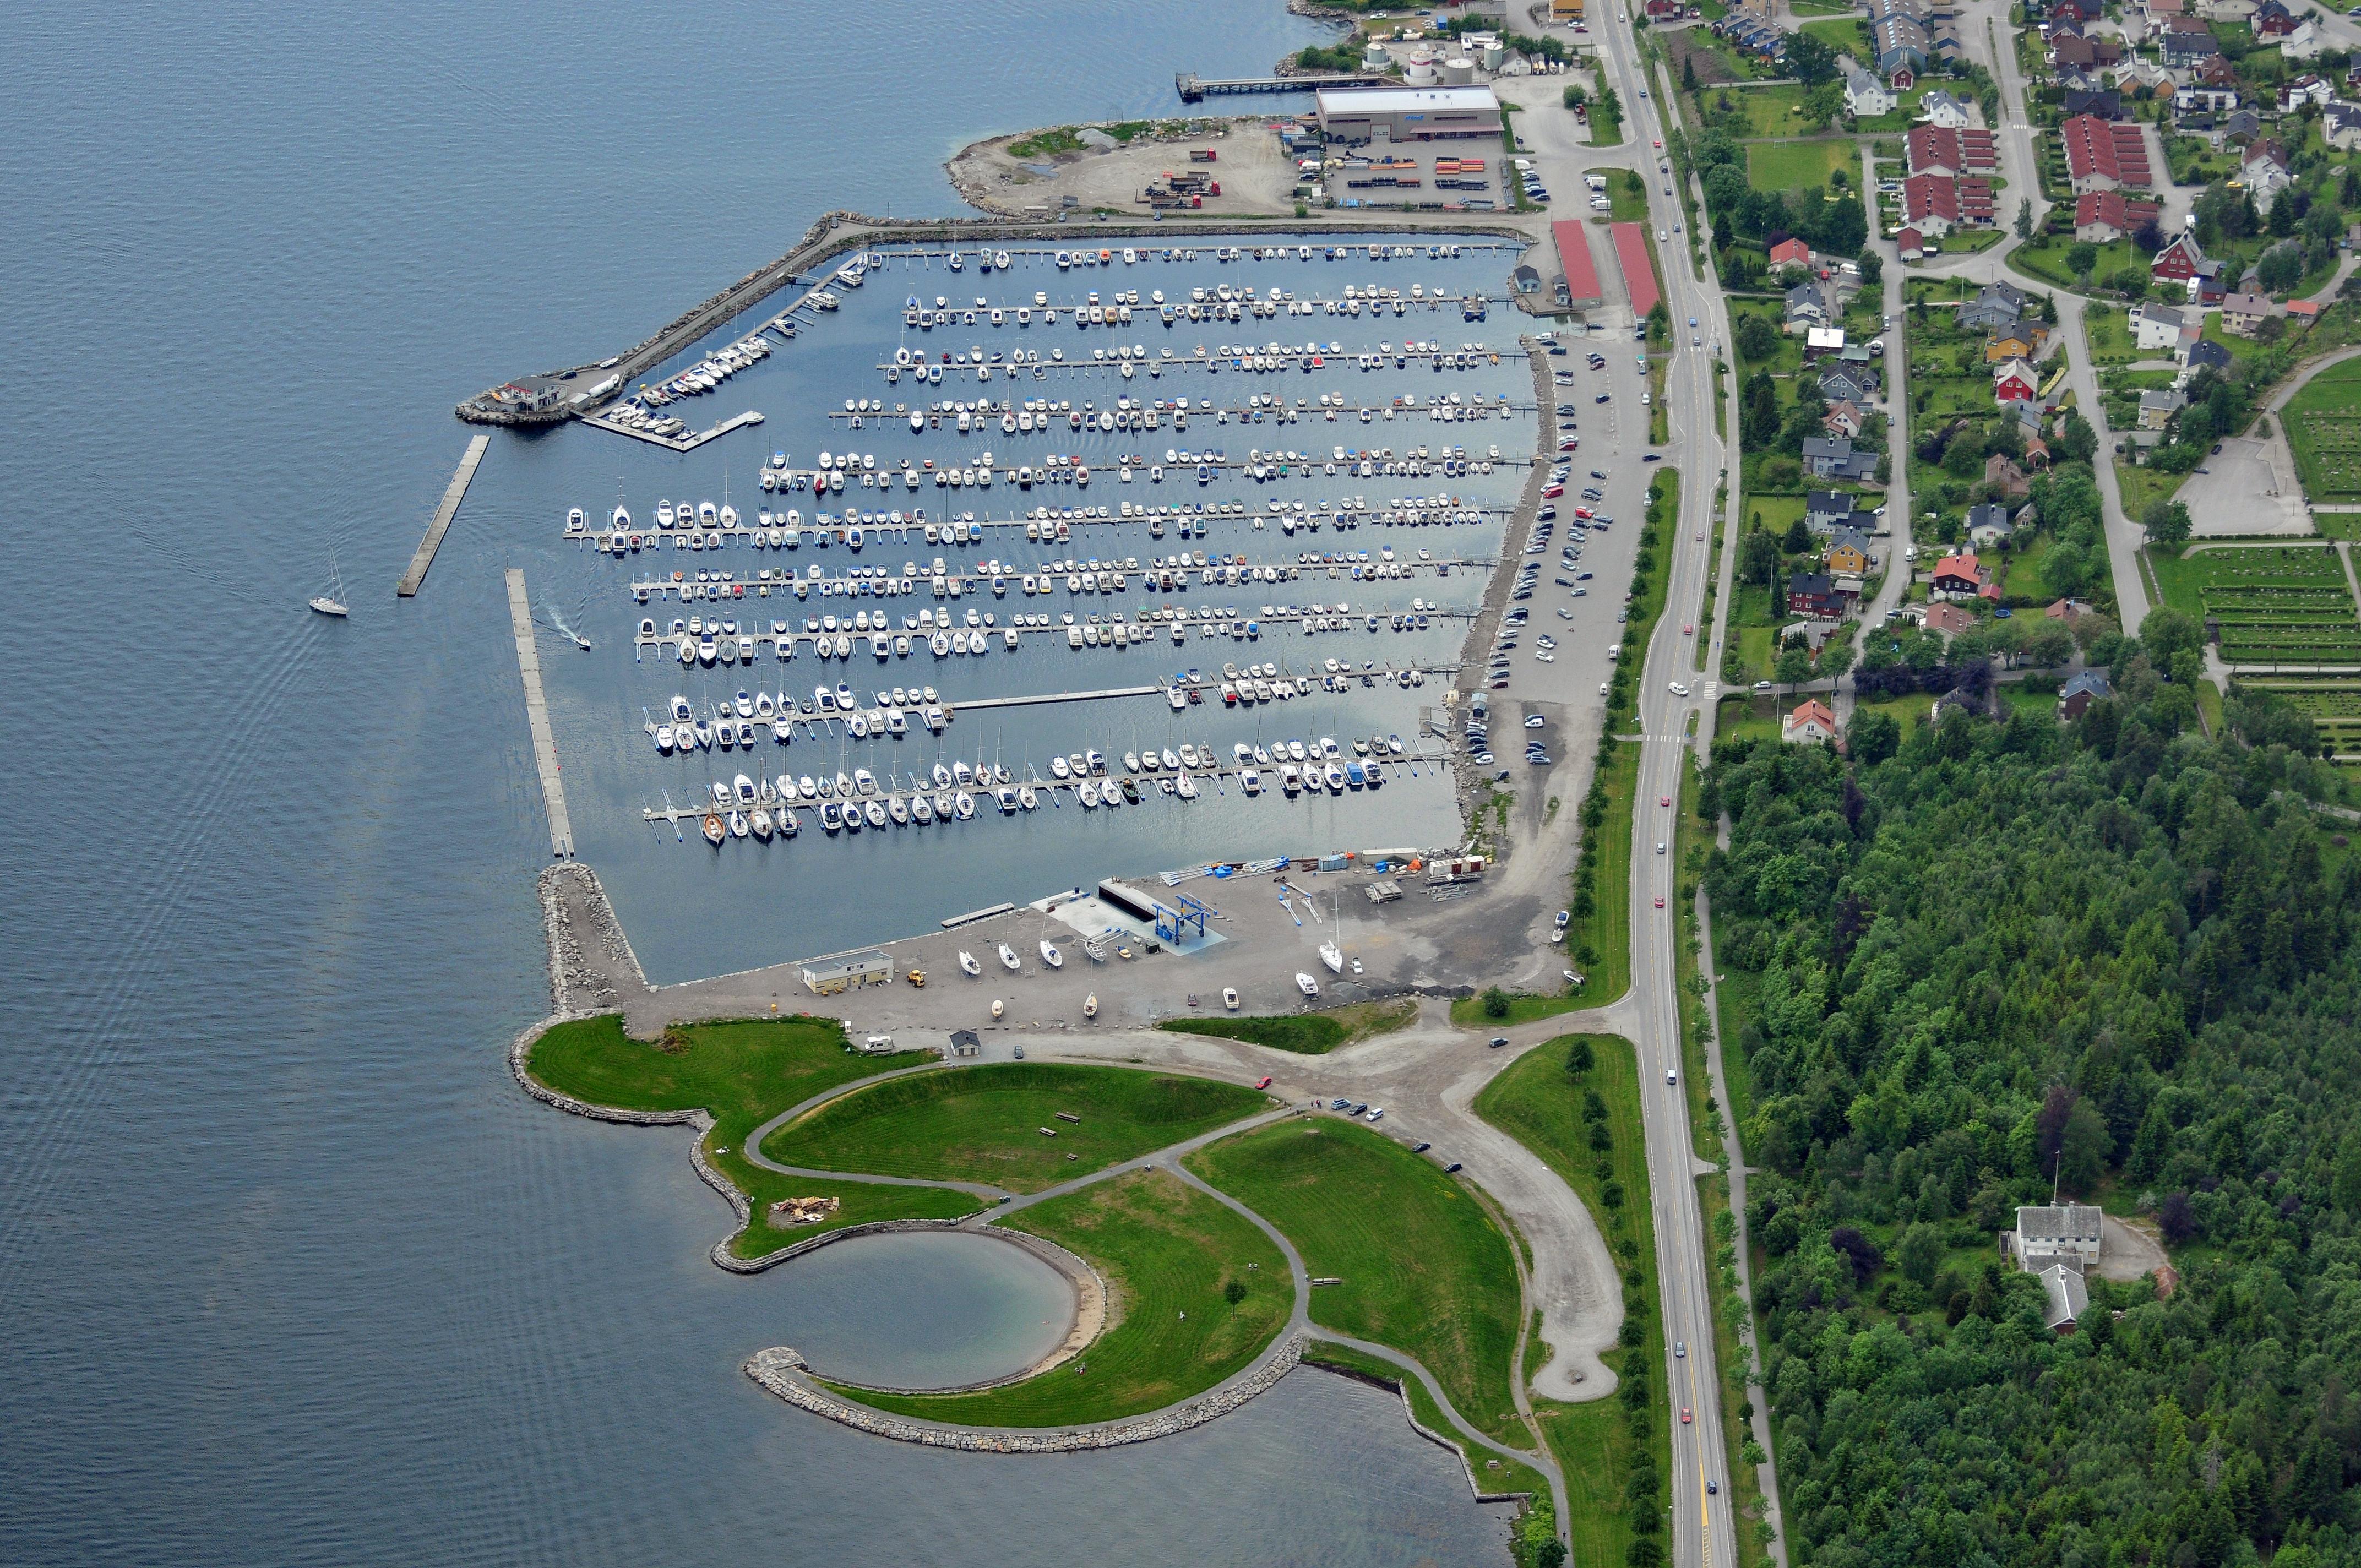 Molde Båthavn un piccolo porto in cui sono ormeggiate soprattutto imbarcazioni private.